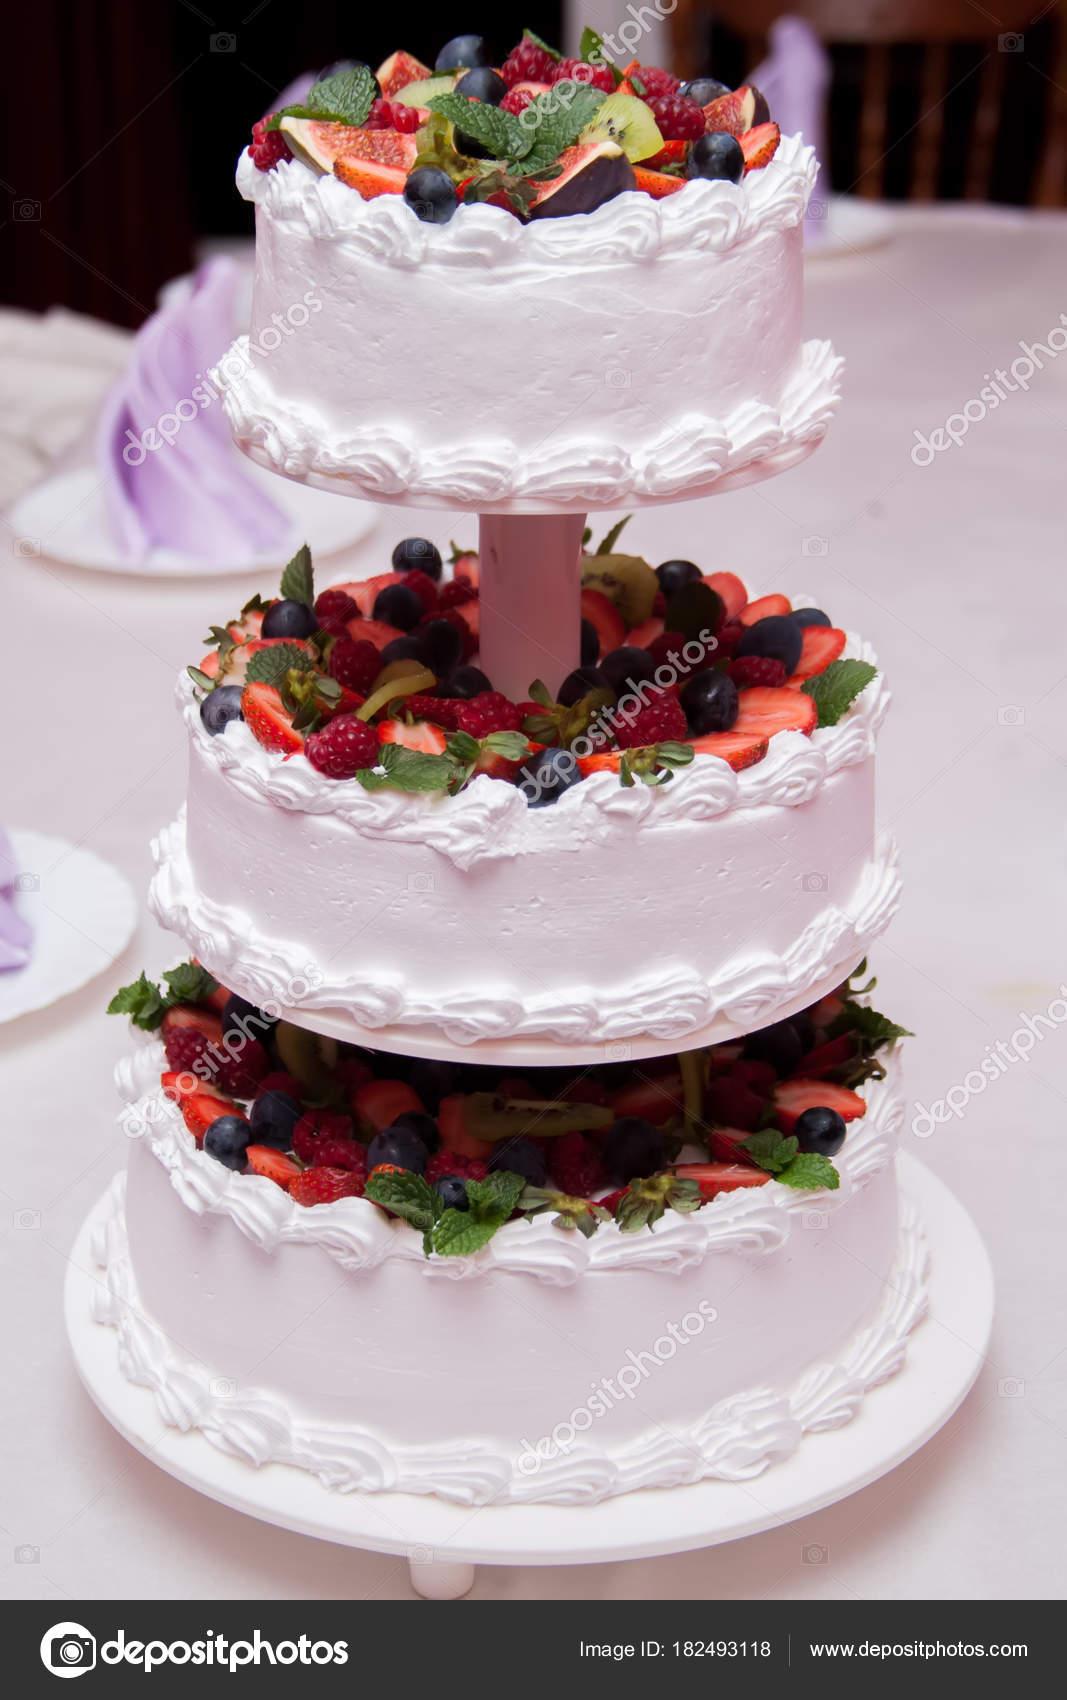 Torta nuziale decorata con fiori e bacche \u2014 Foto Stock